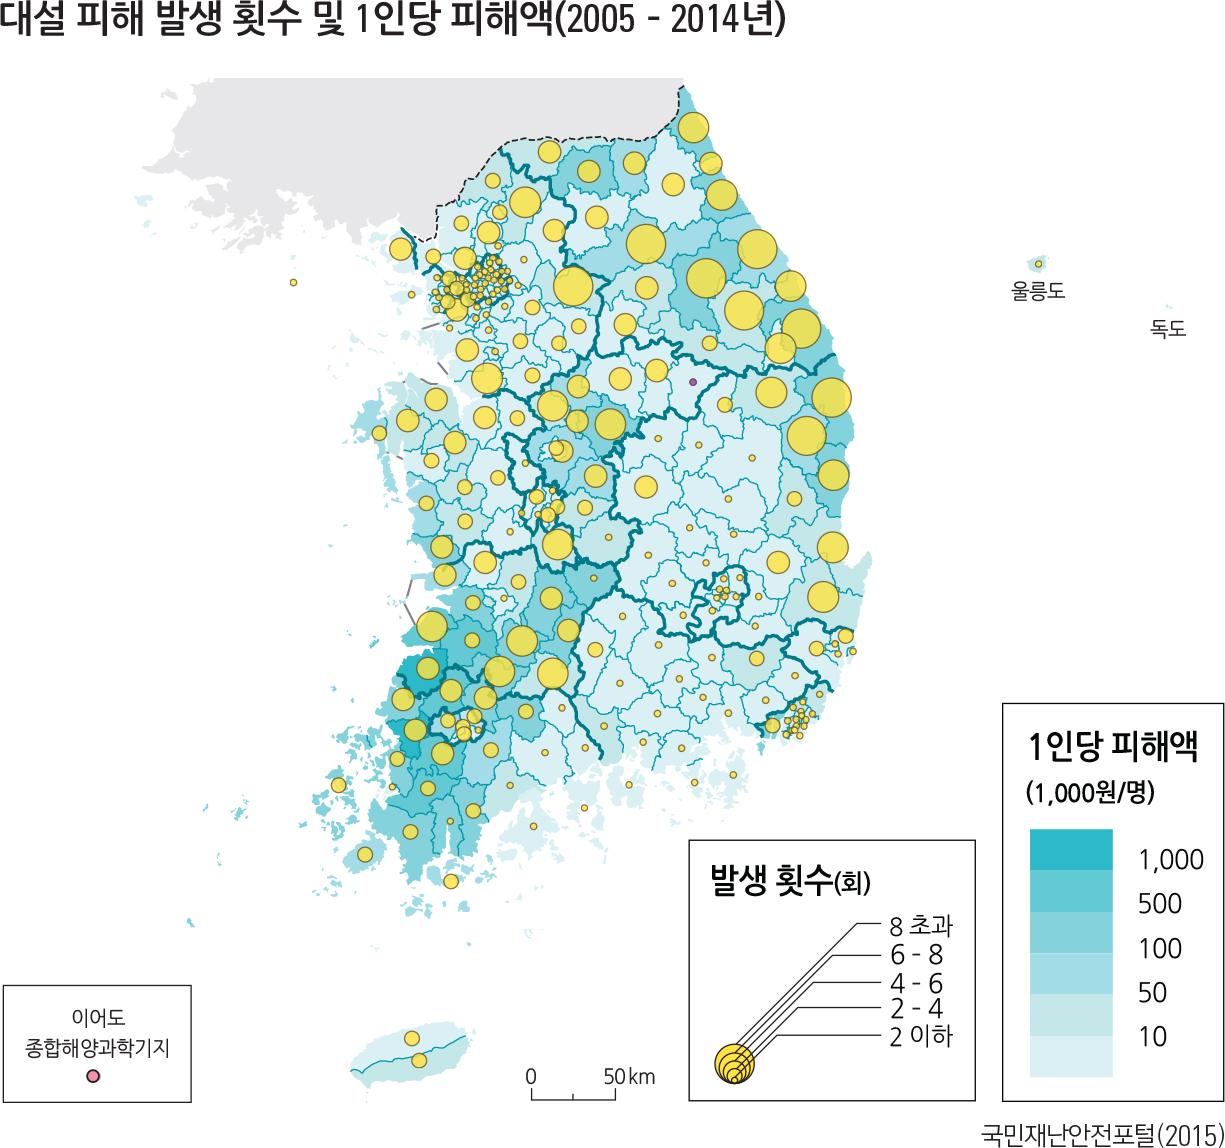 대설 피해 발생 횟수 및 1인당 피해액(2005 – 2014년)